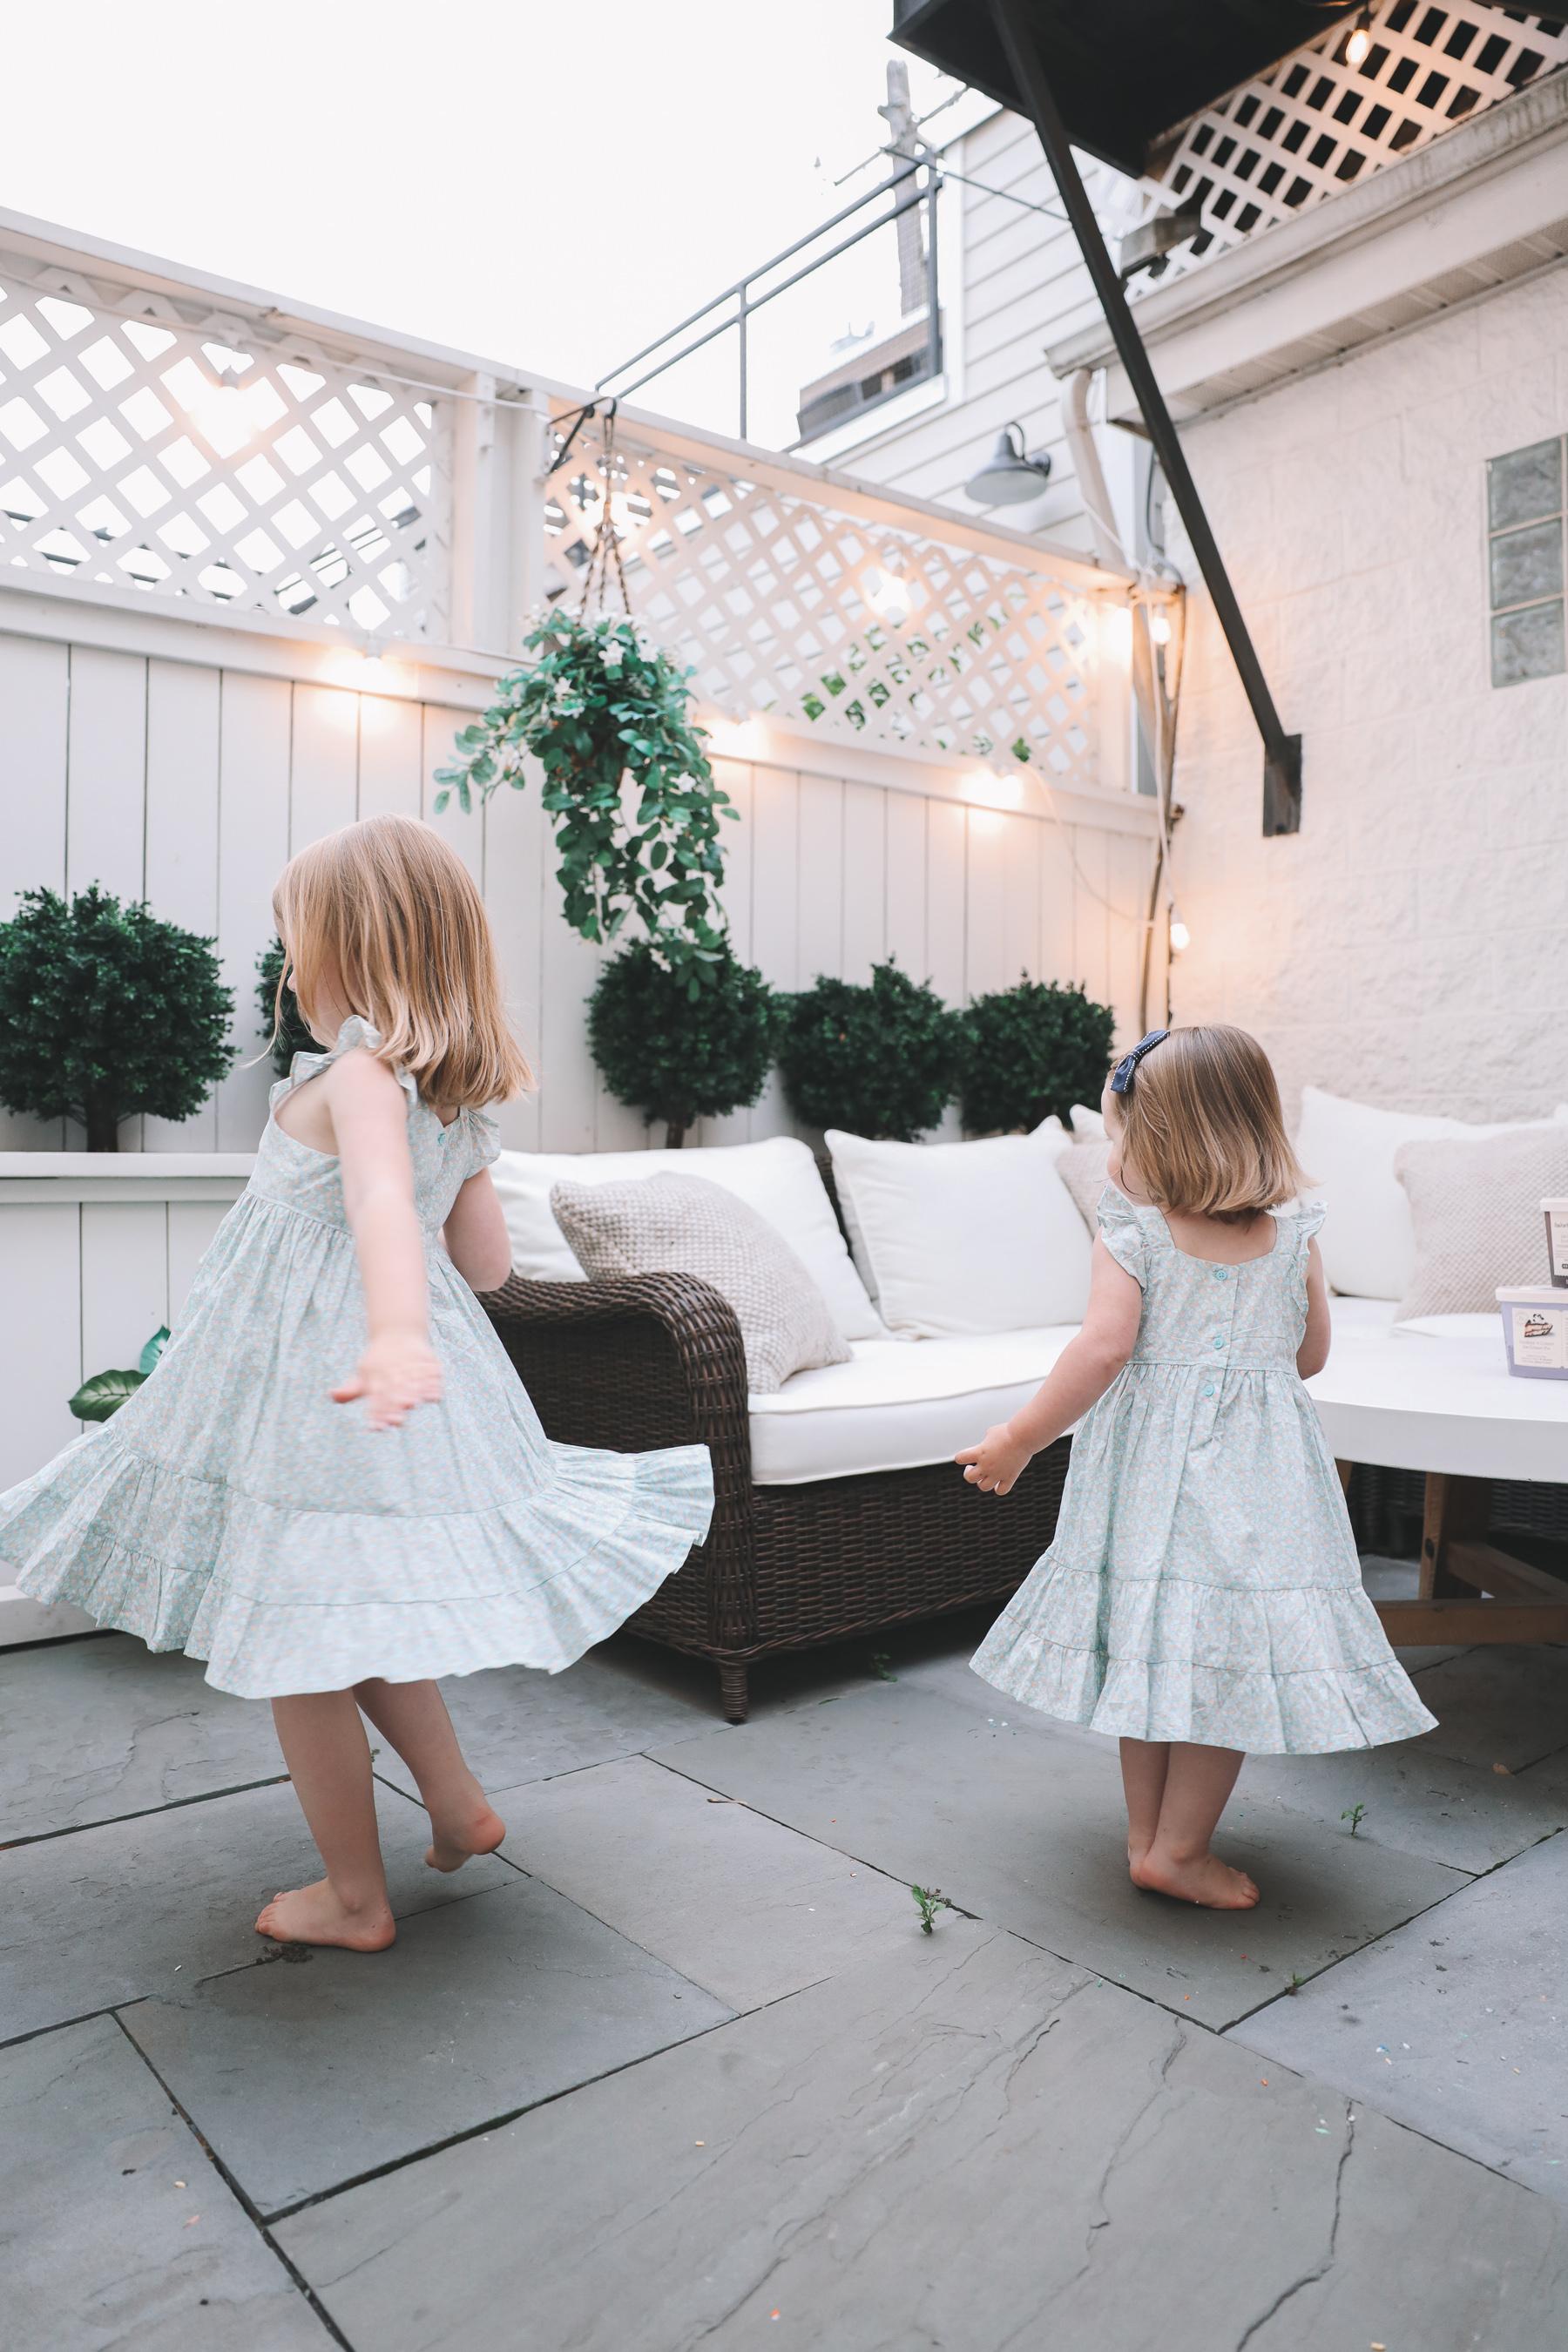 kids twirling